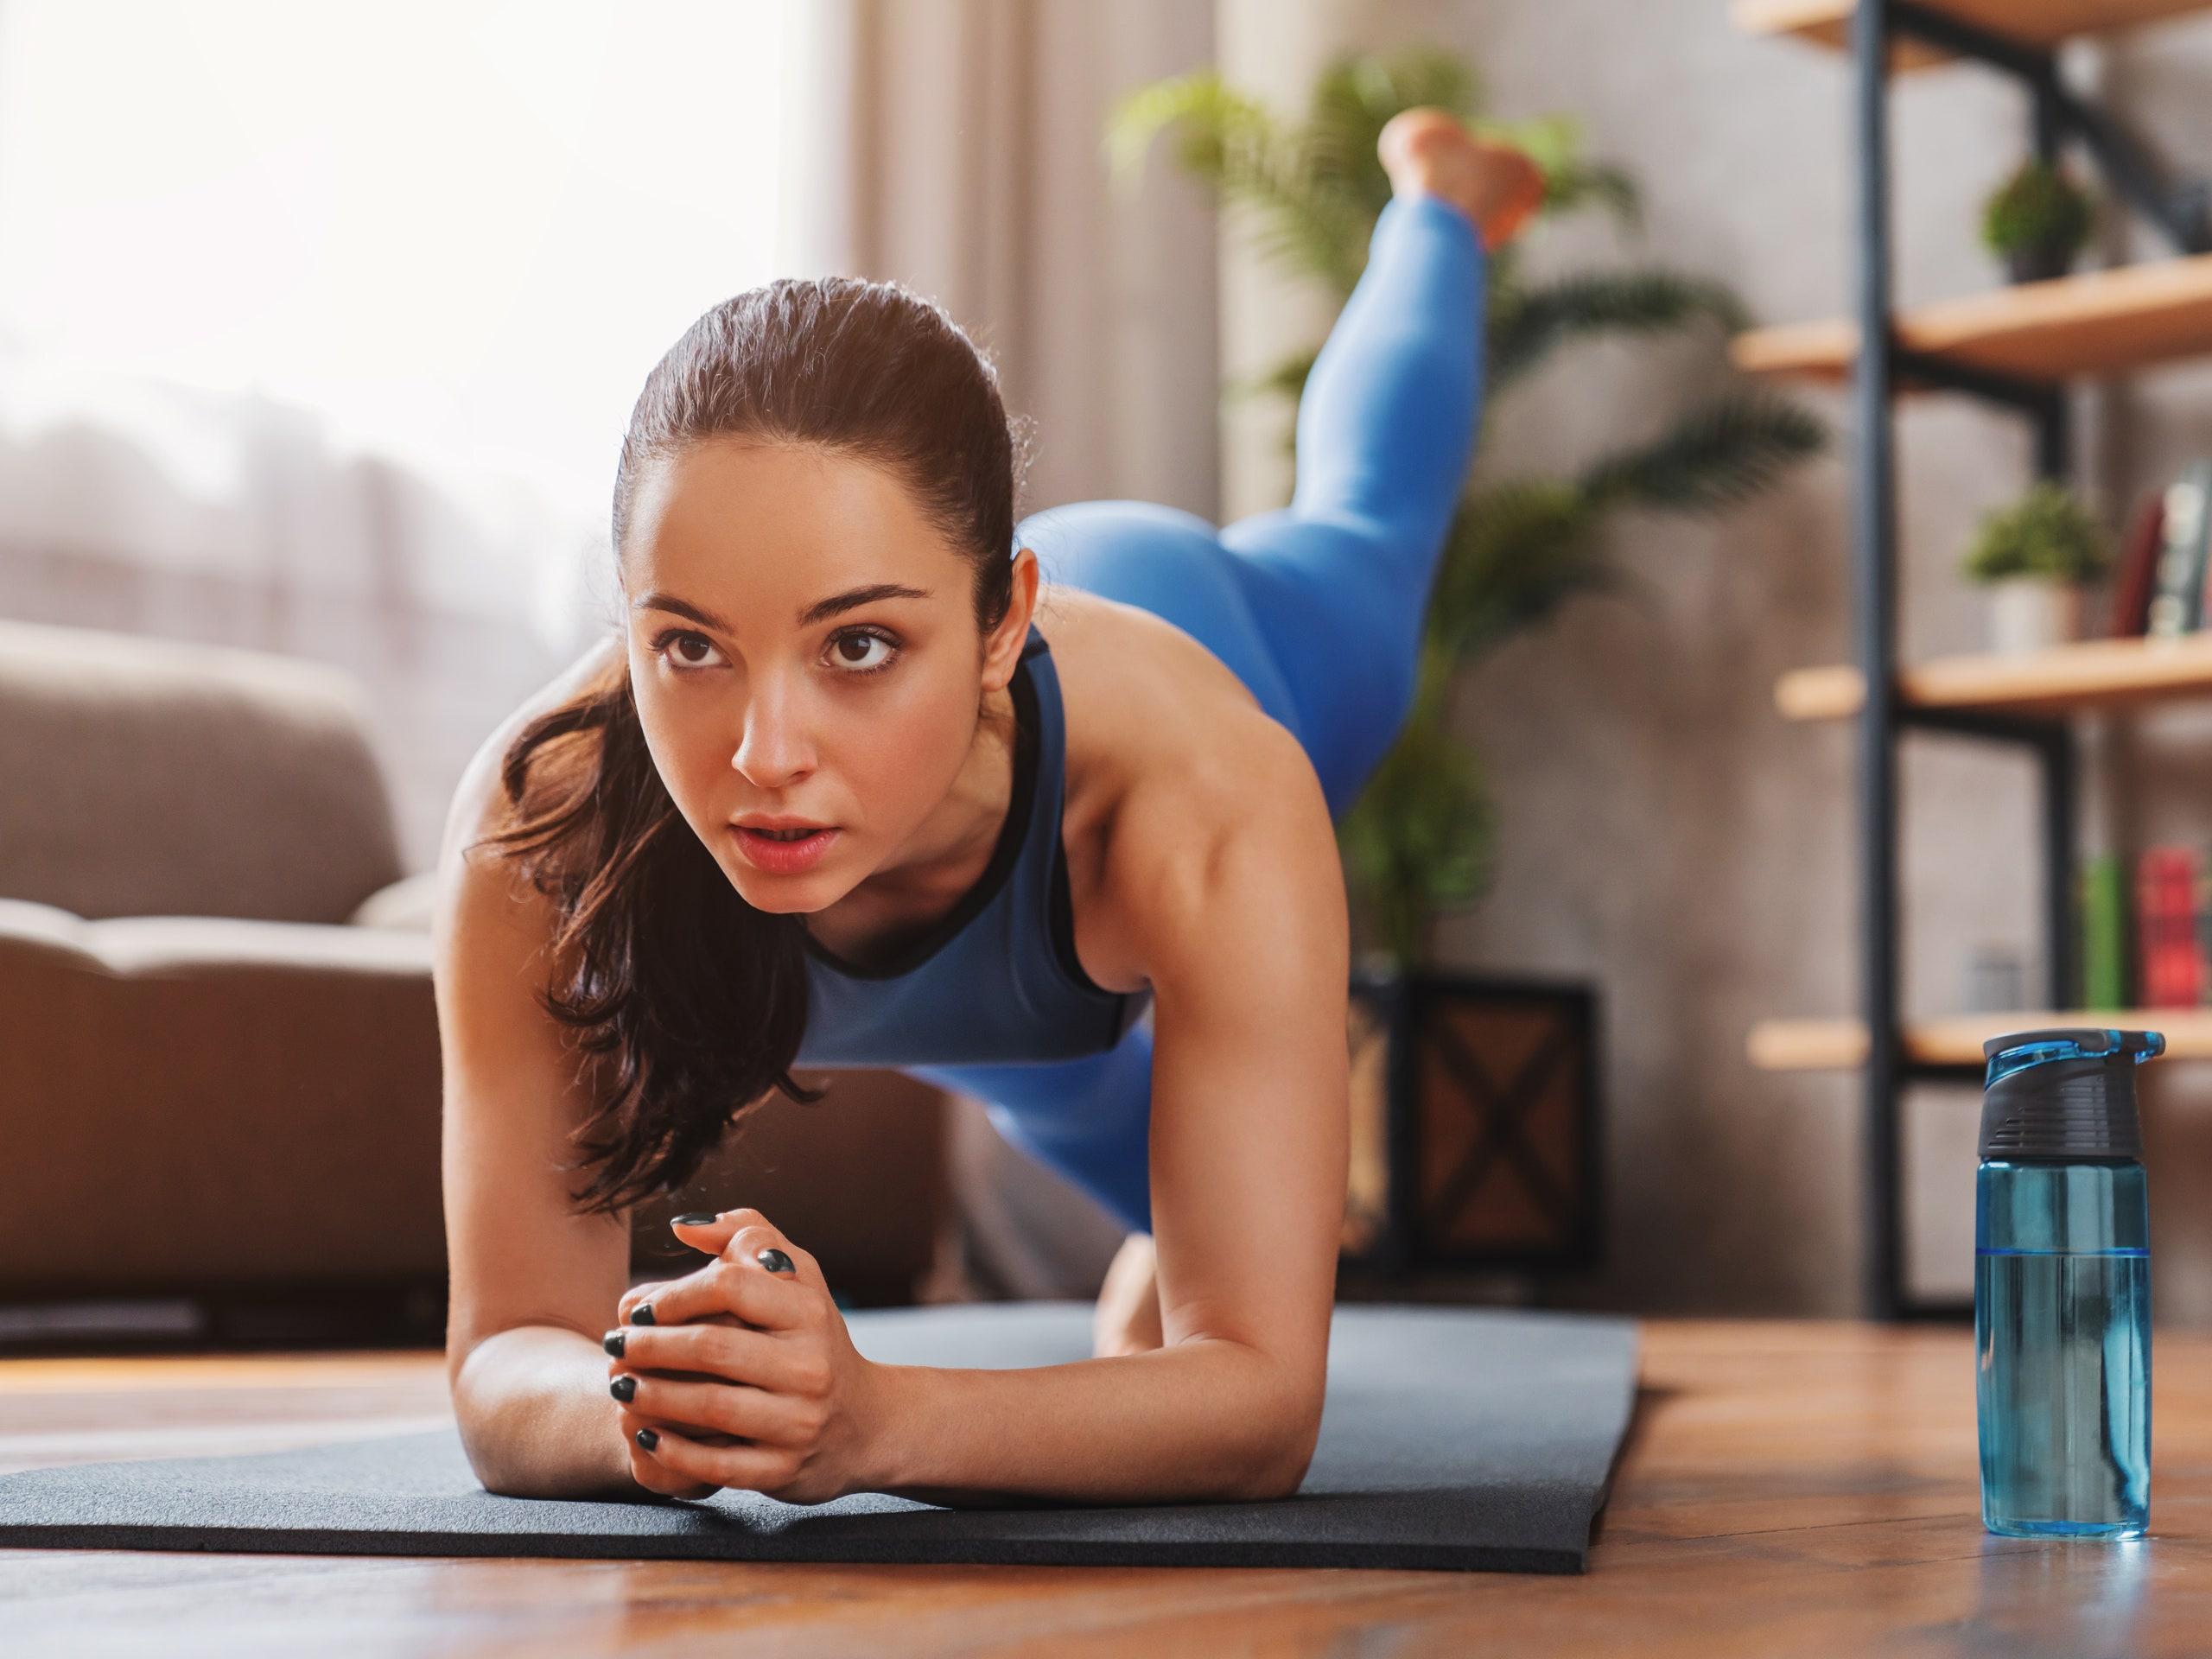 نکات ساده ای که میتونه انگیزه تمرینی شما رو زیاد کنه